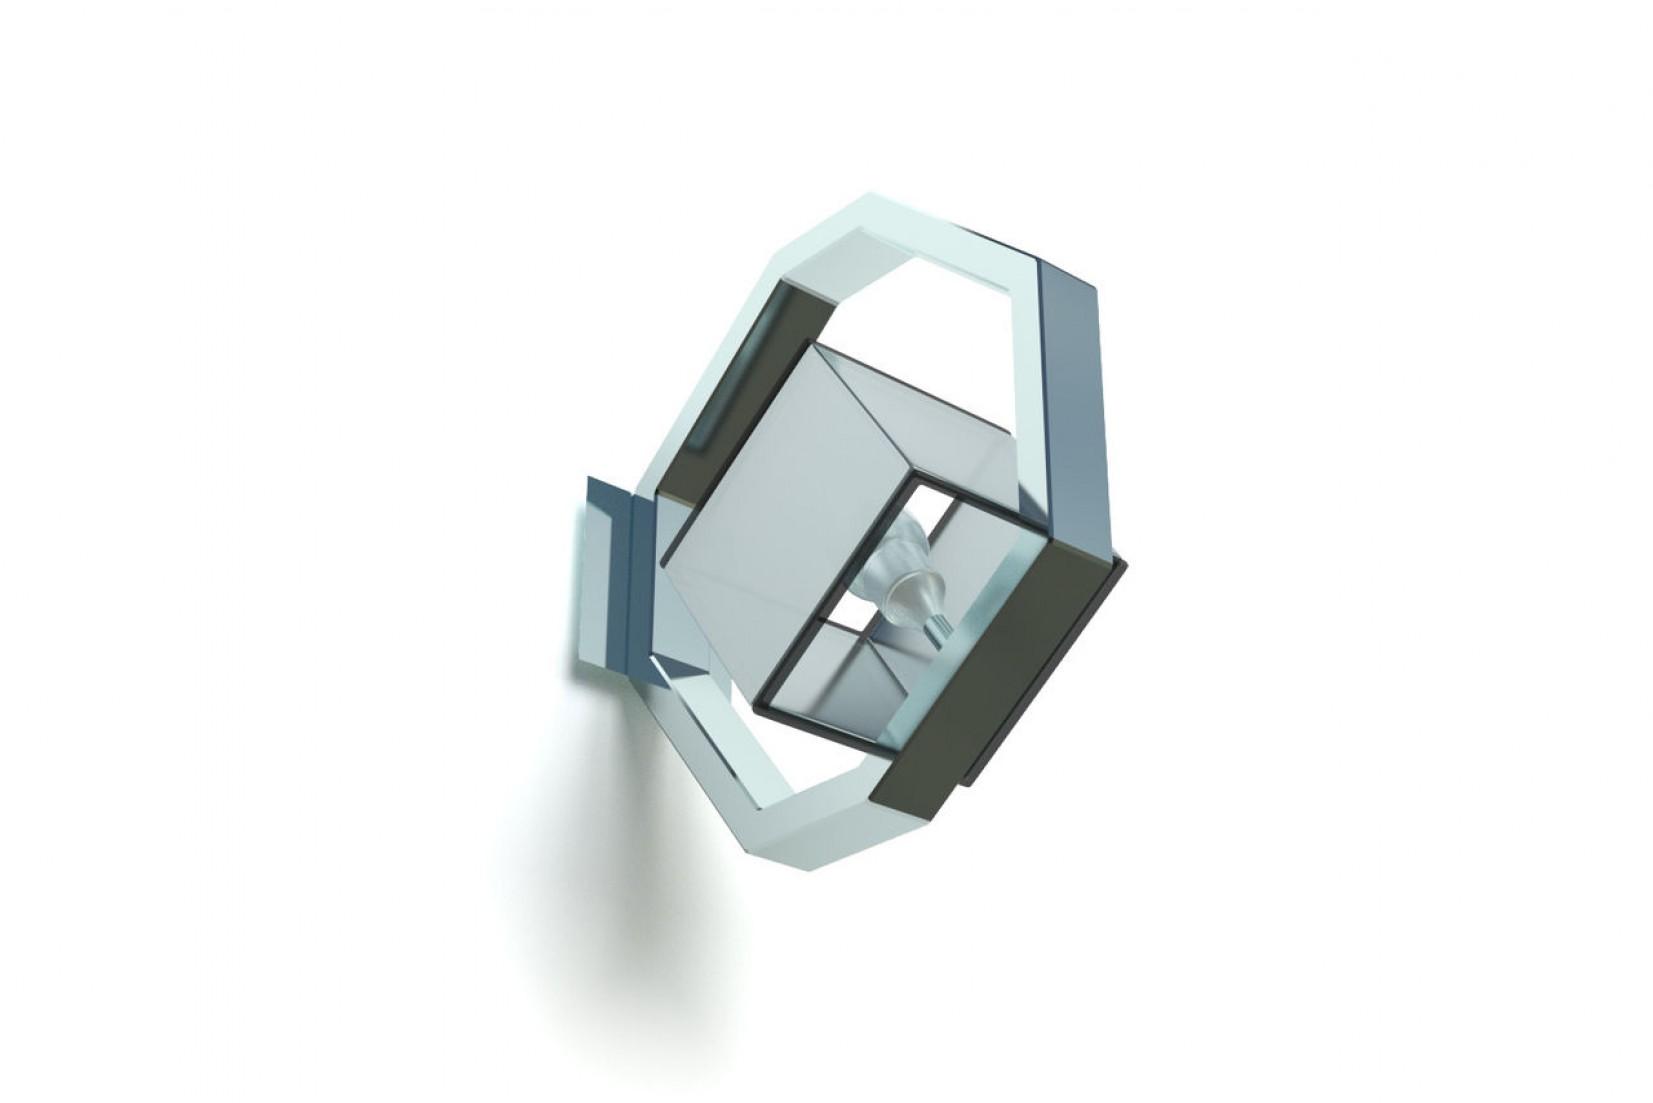 EQUALIZER APL CHROME - applique, chrome